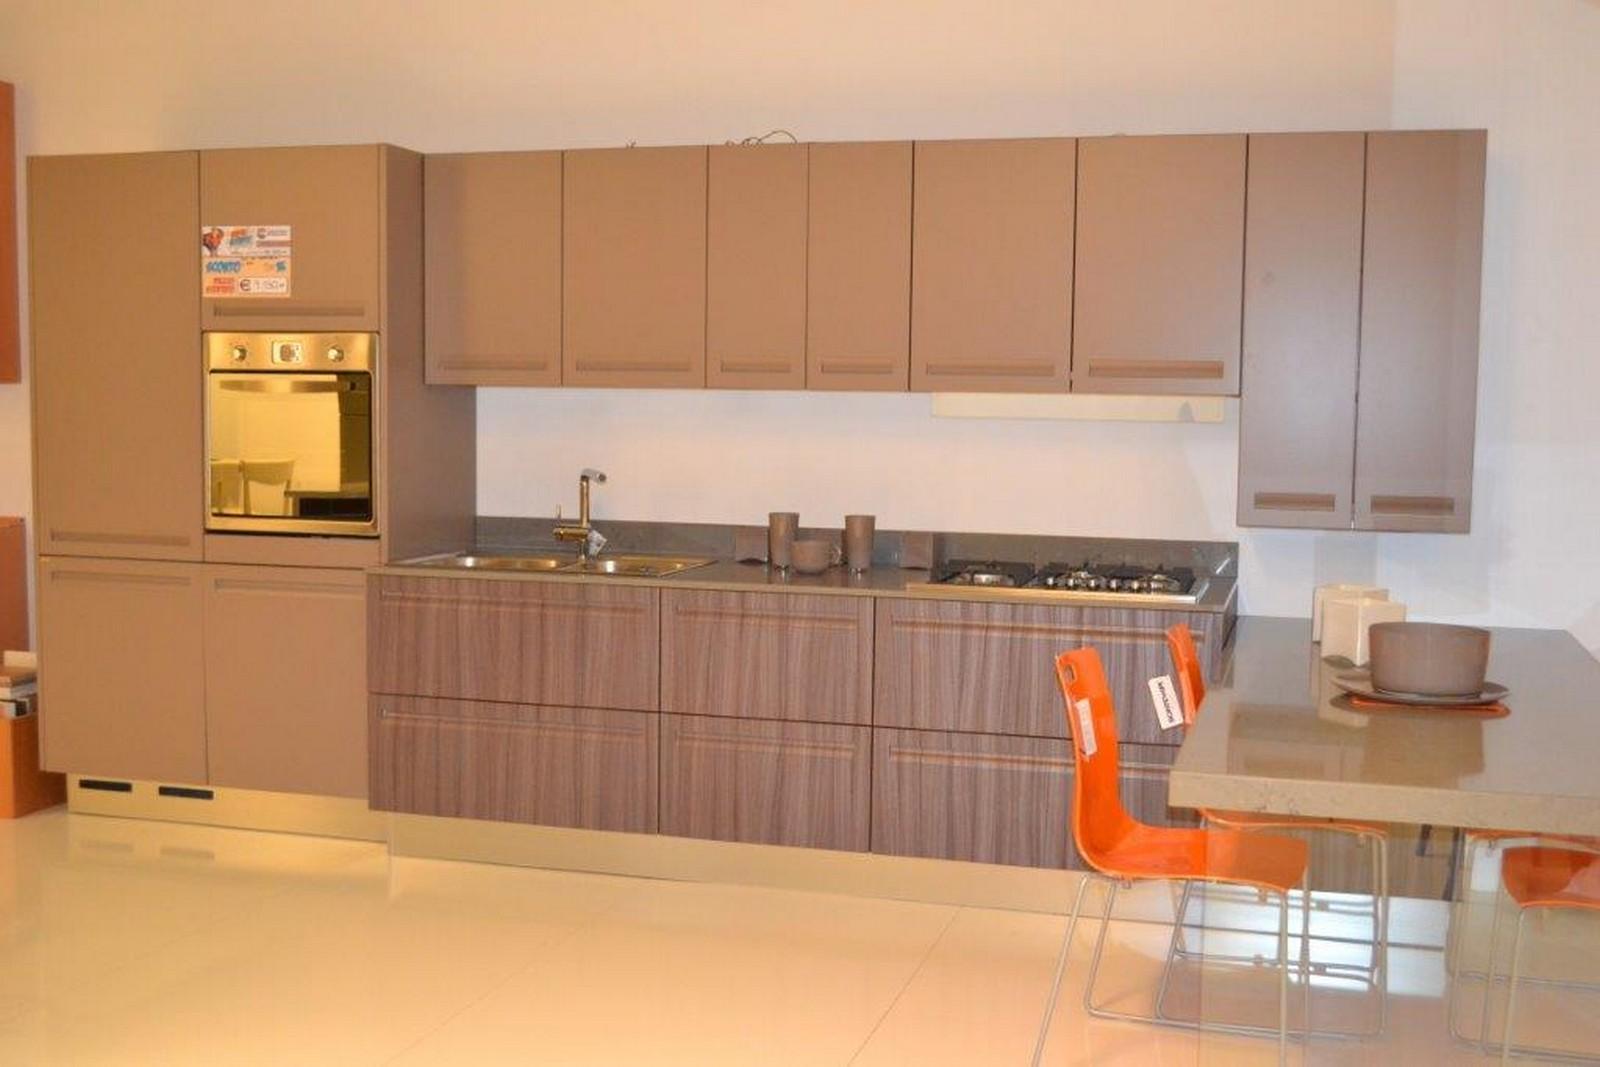 Cucina campiglio scic centro dell 39 arredamento di savona for Centro dell arredamento osnago